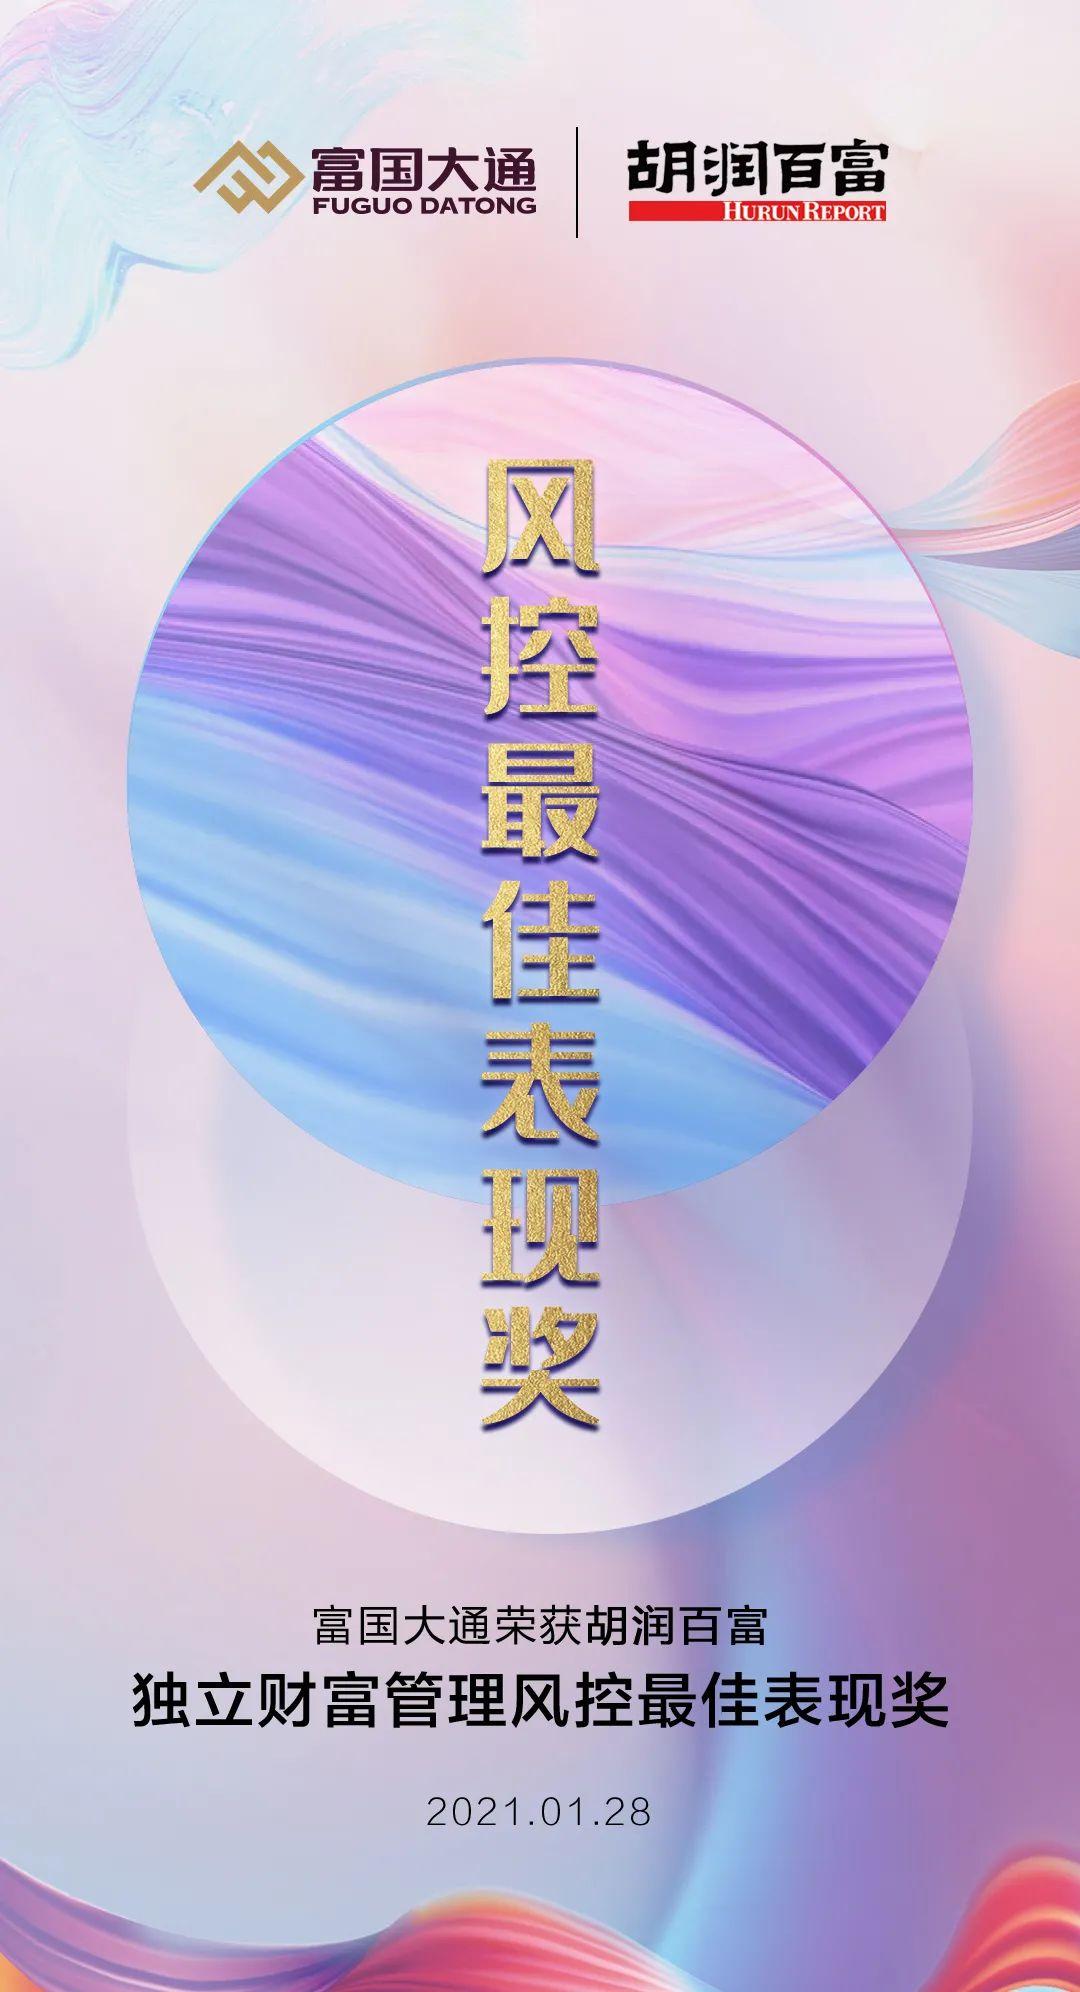 富国大通获奖忙,四度蝉联胡润百富风控最佳表现奖!